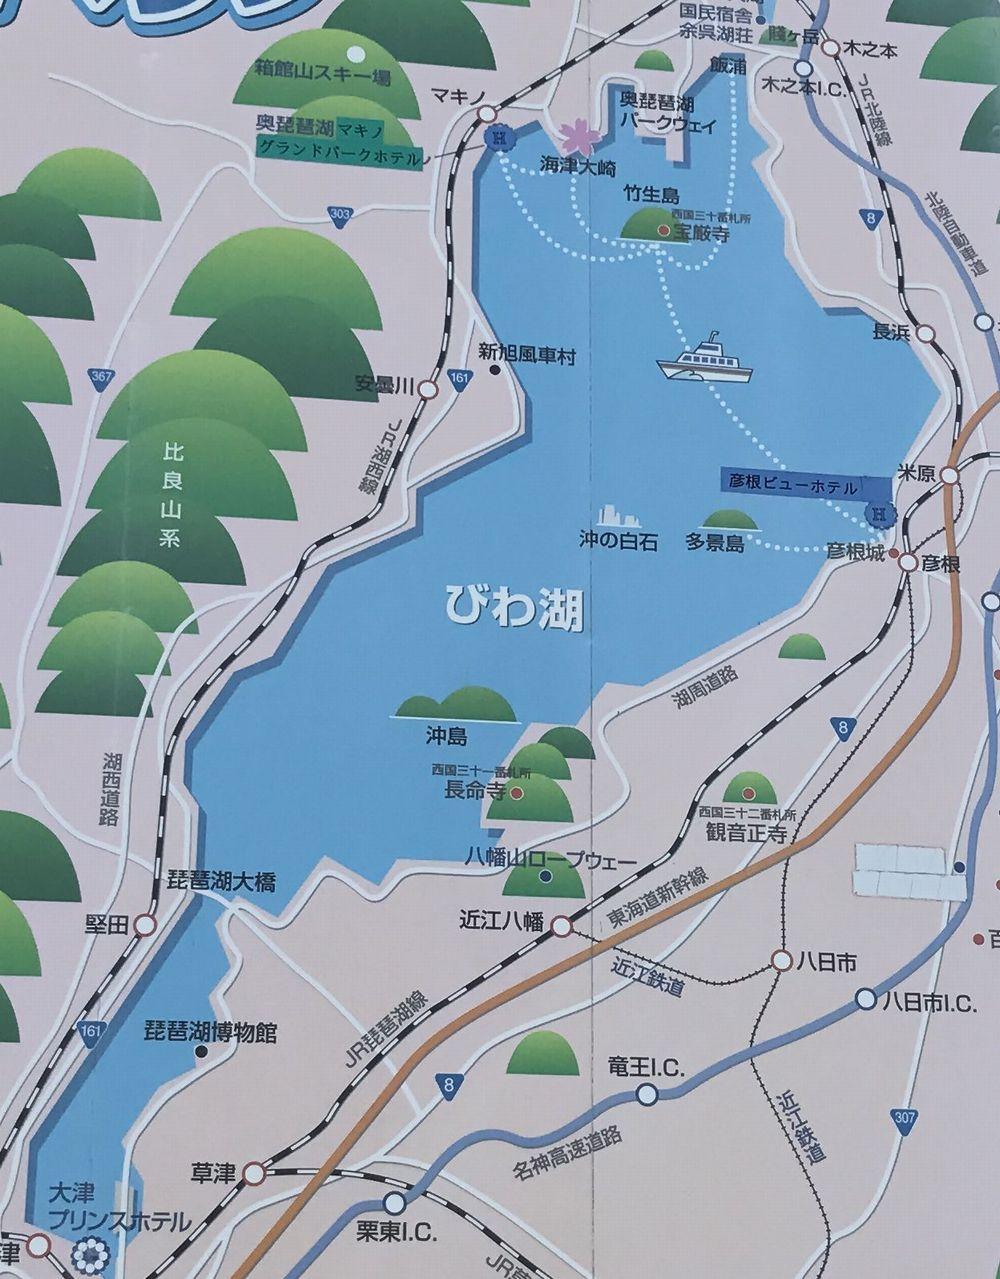 琵琶湖に浮かぶ沖島の地図